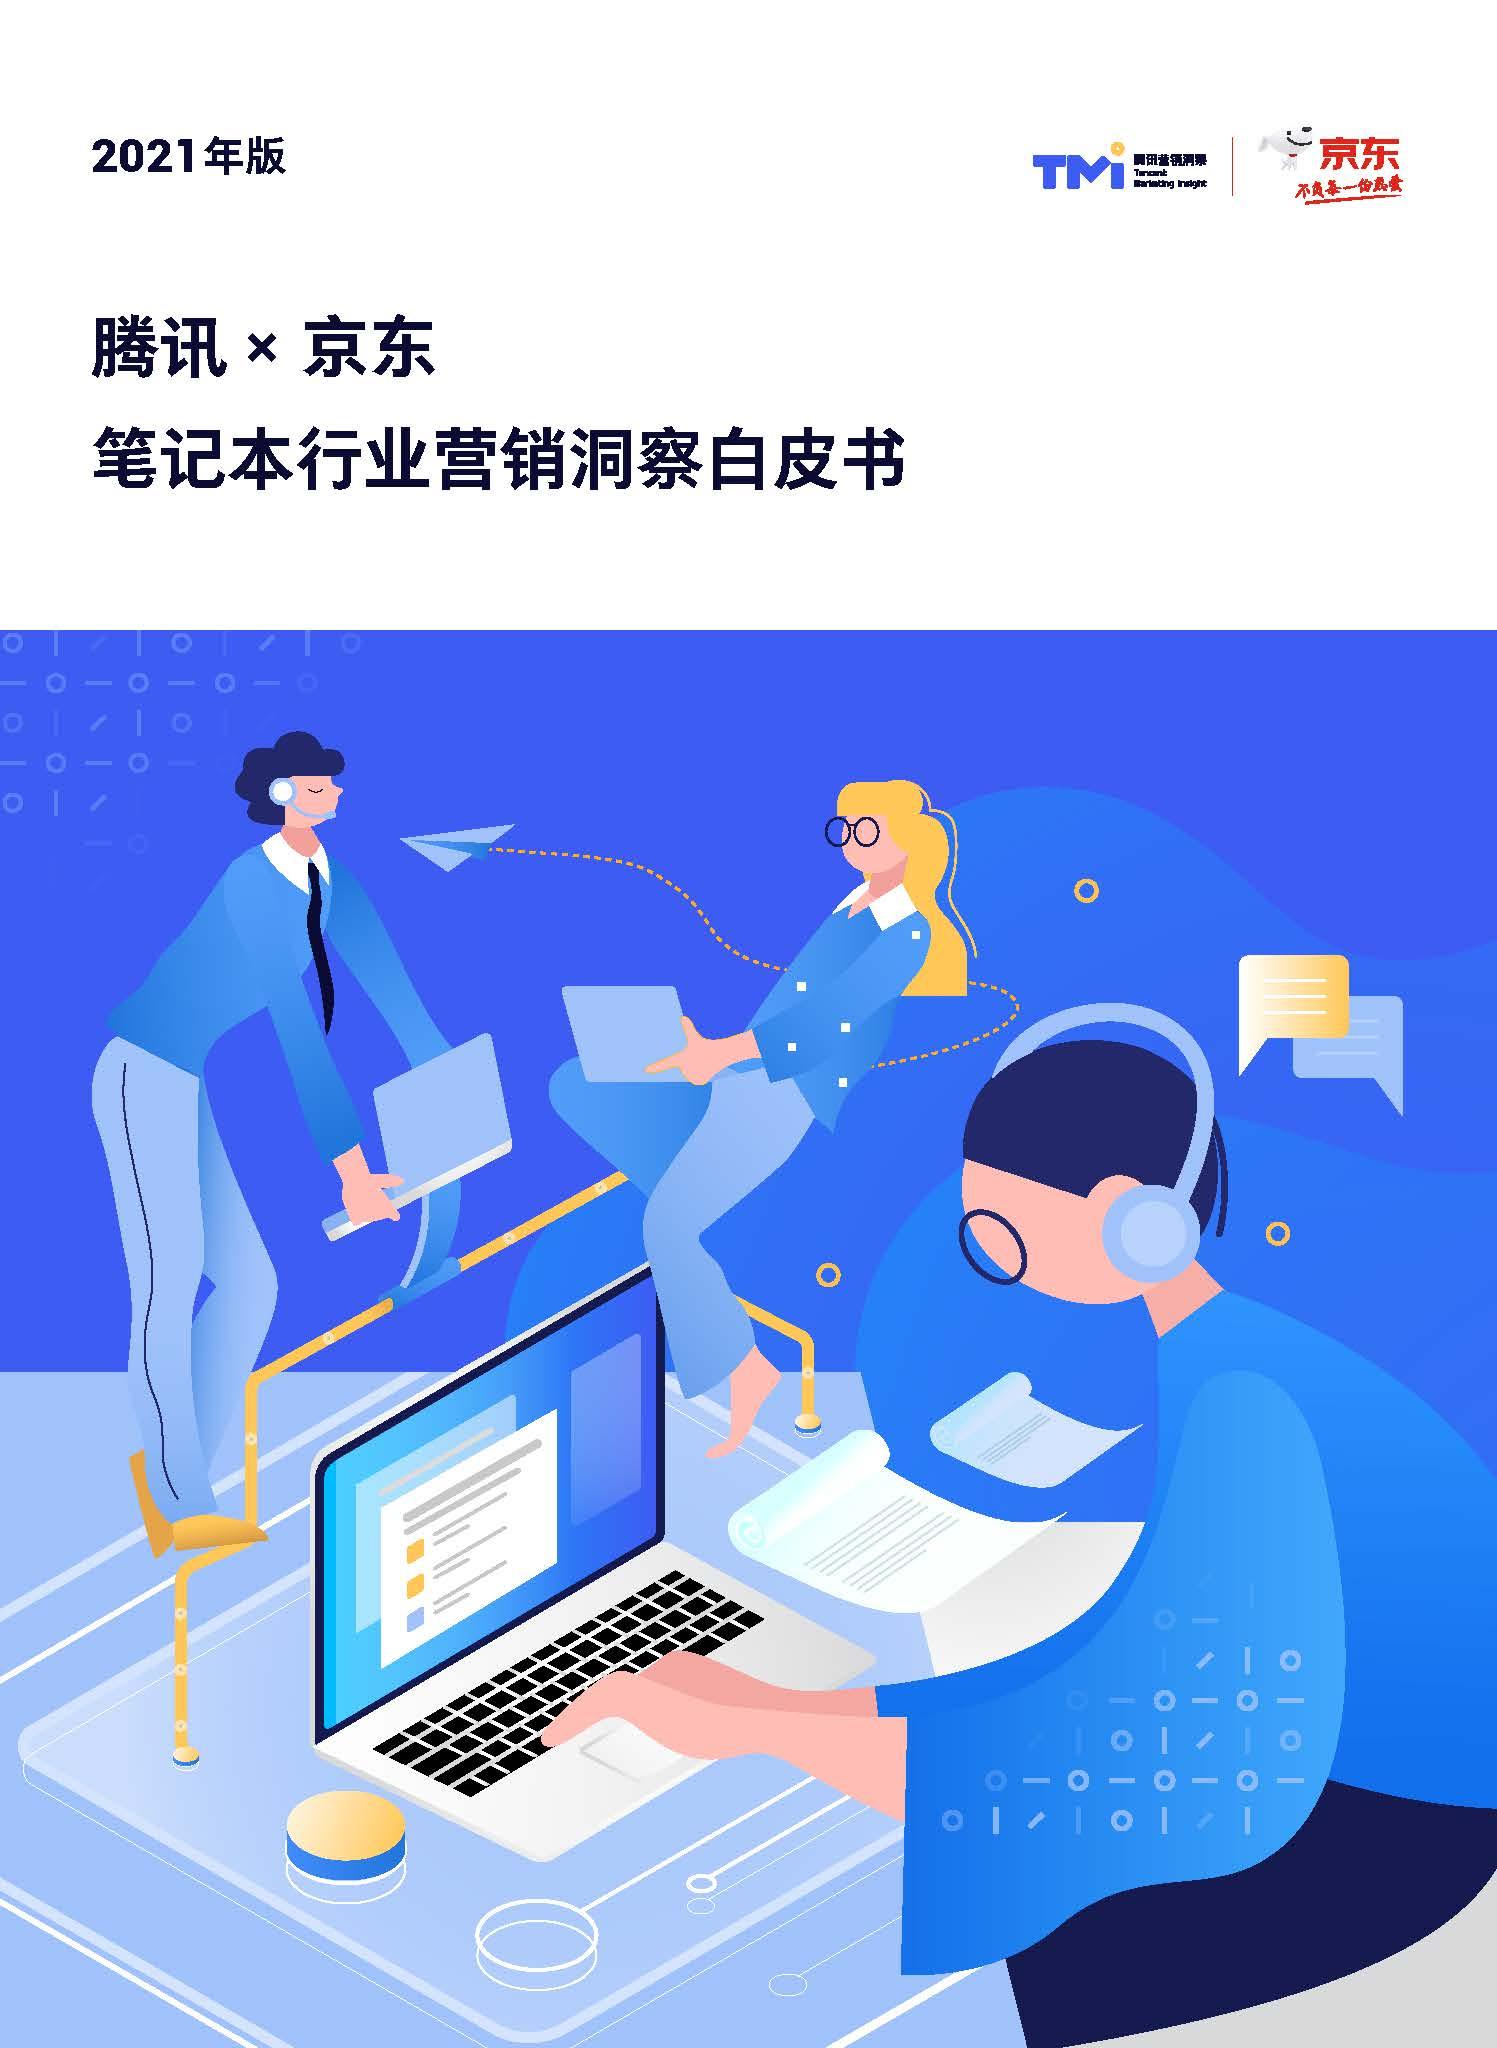 腾讯联合京东,发布笔记本电脑行业营销洞察白皮书